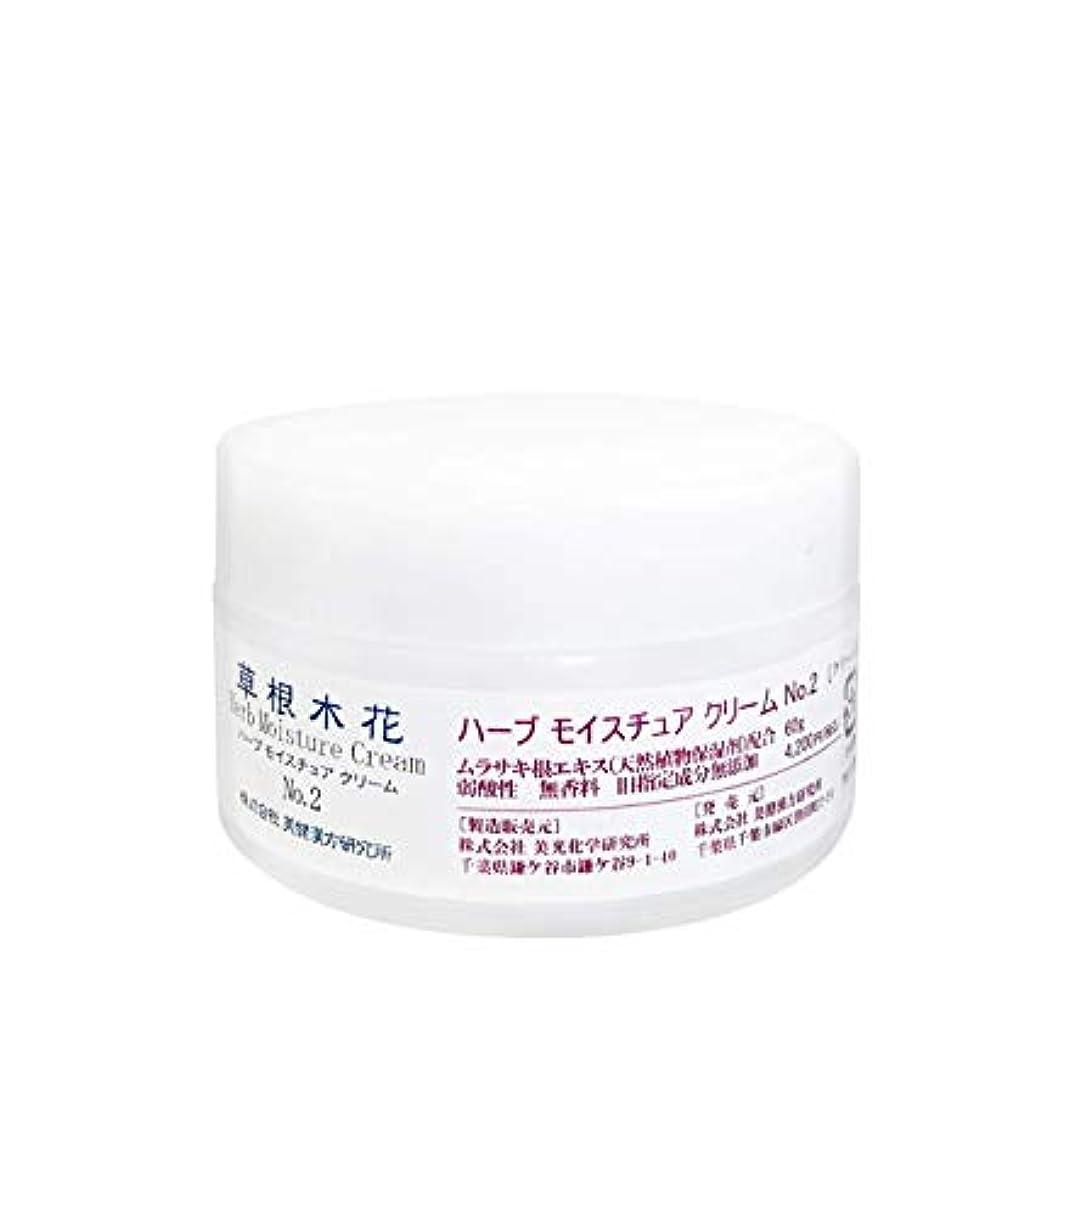 見せます相談する粘液「草根木花 ハーブモイスチュアクリームNo.2 (紫根クリーム)」 紫根(シコン)自然派基礎化粧品 シェアドコスメ(男女兼用化粧品)